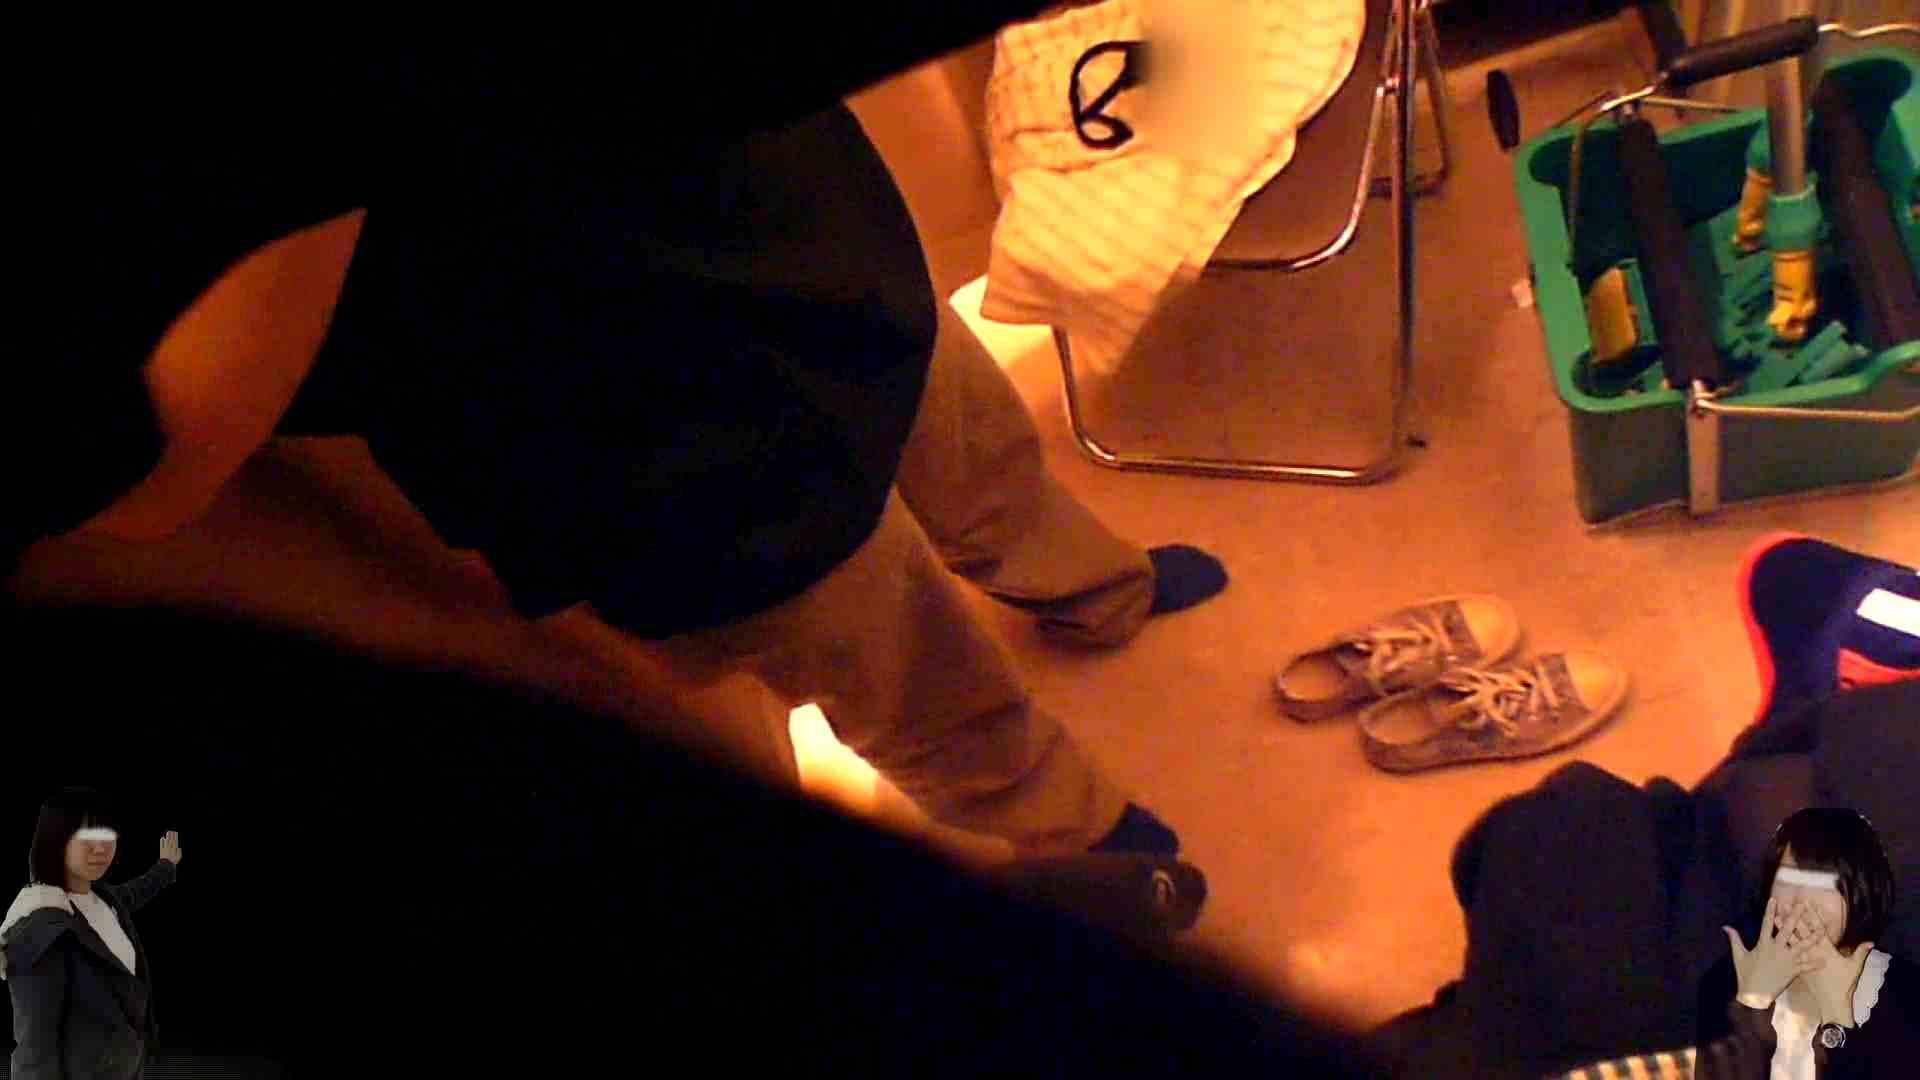 素人投稿 現役「JD」Eちゃんの着替え Vol.01 投稿   着替え  87画像 45